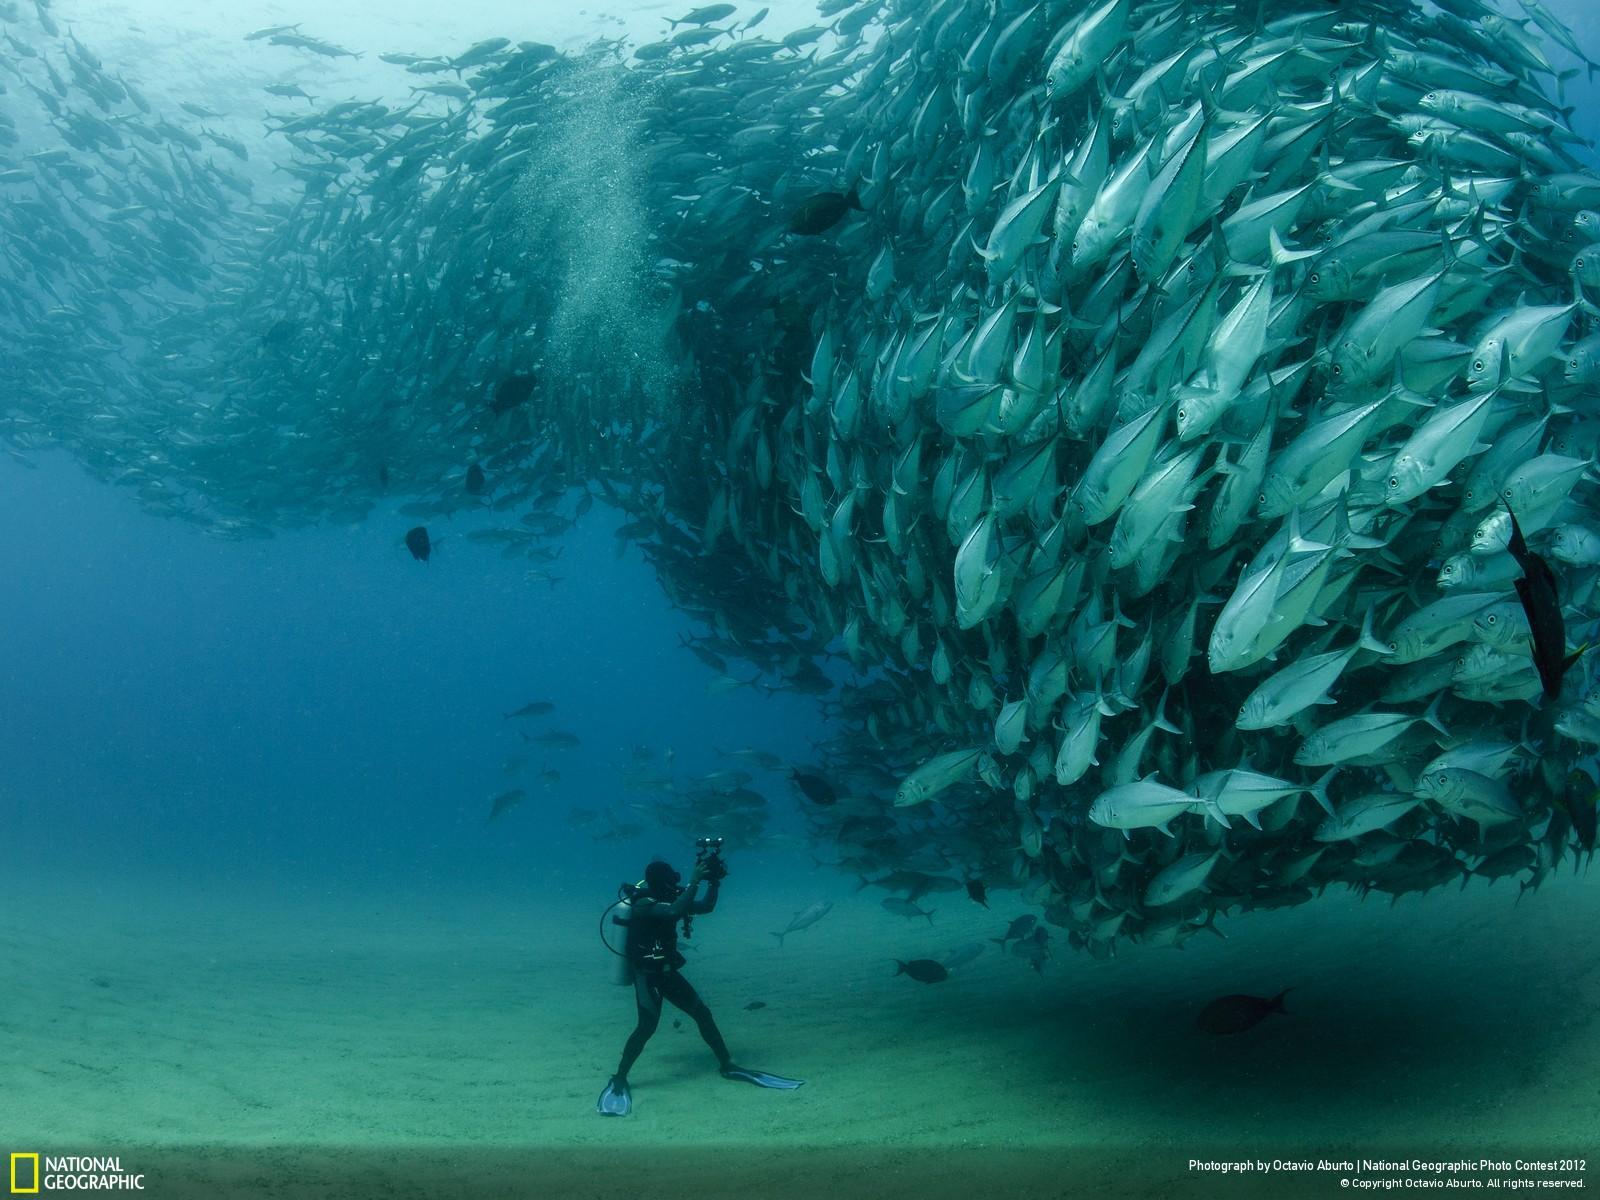 52 Лучшие фотографии за 2012 год по версии National Geographic